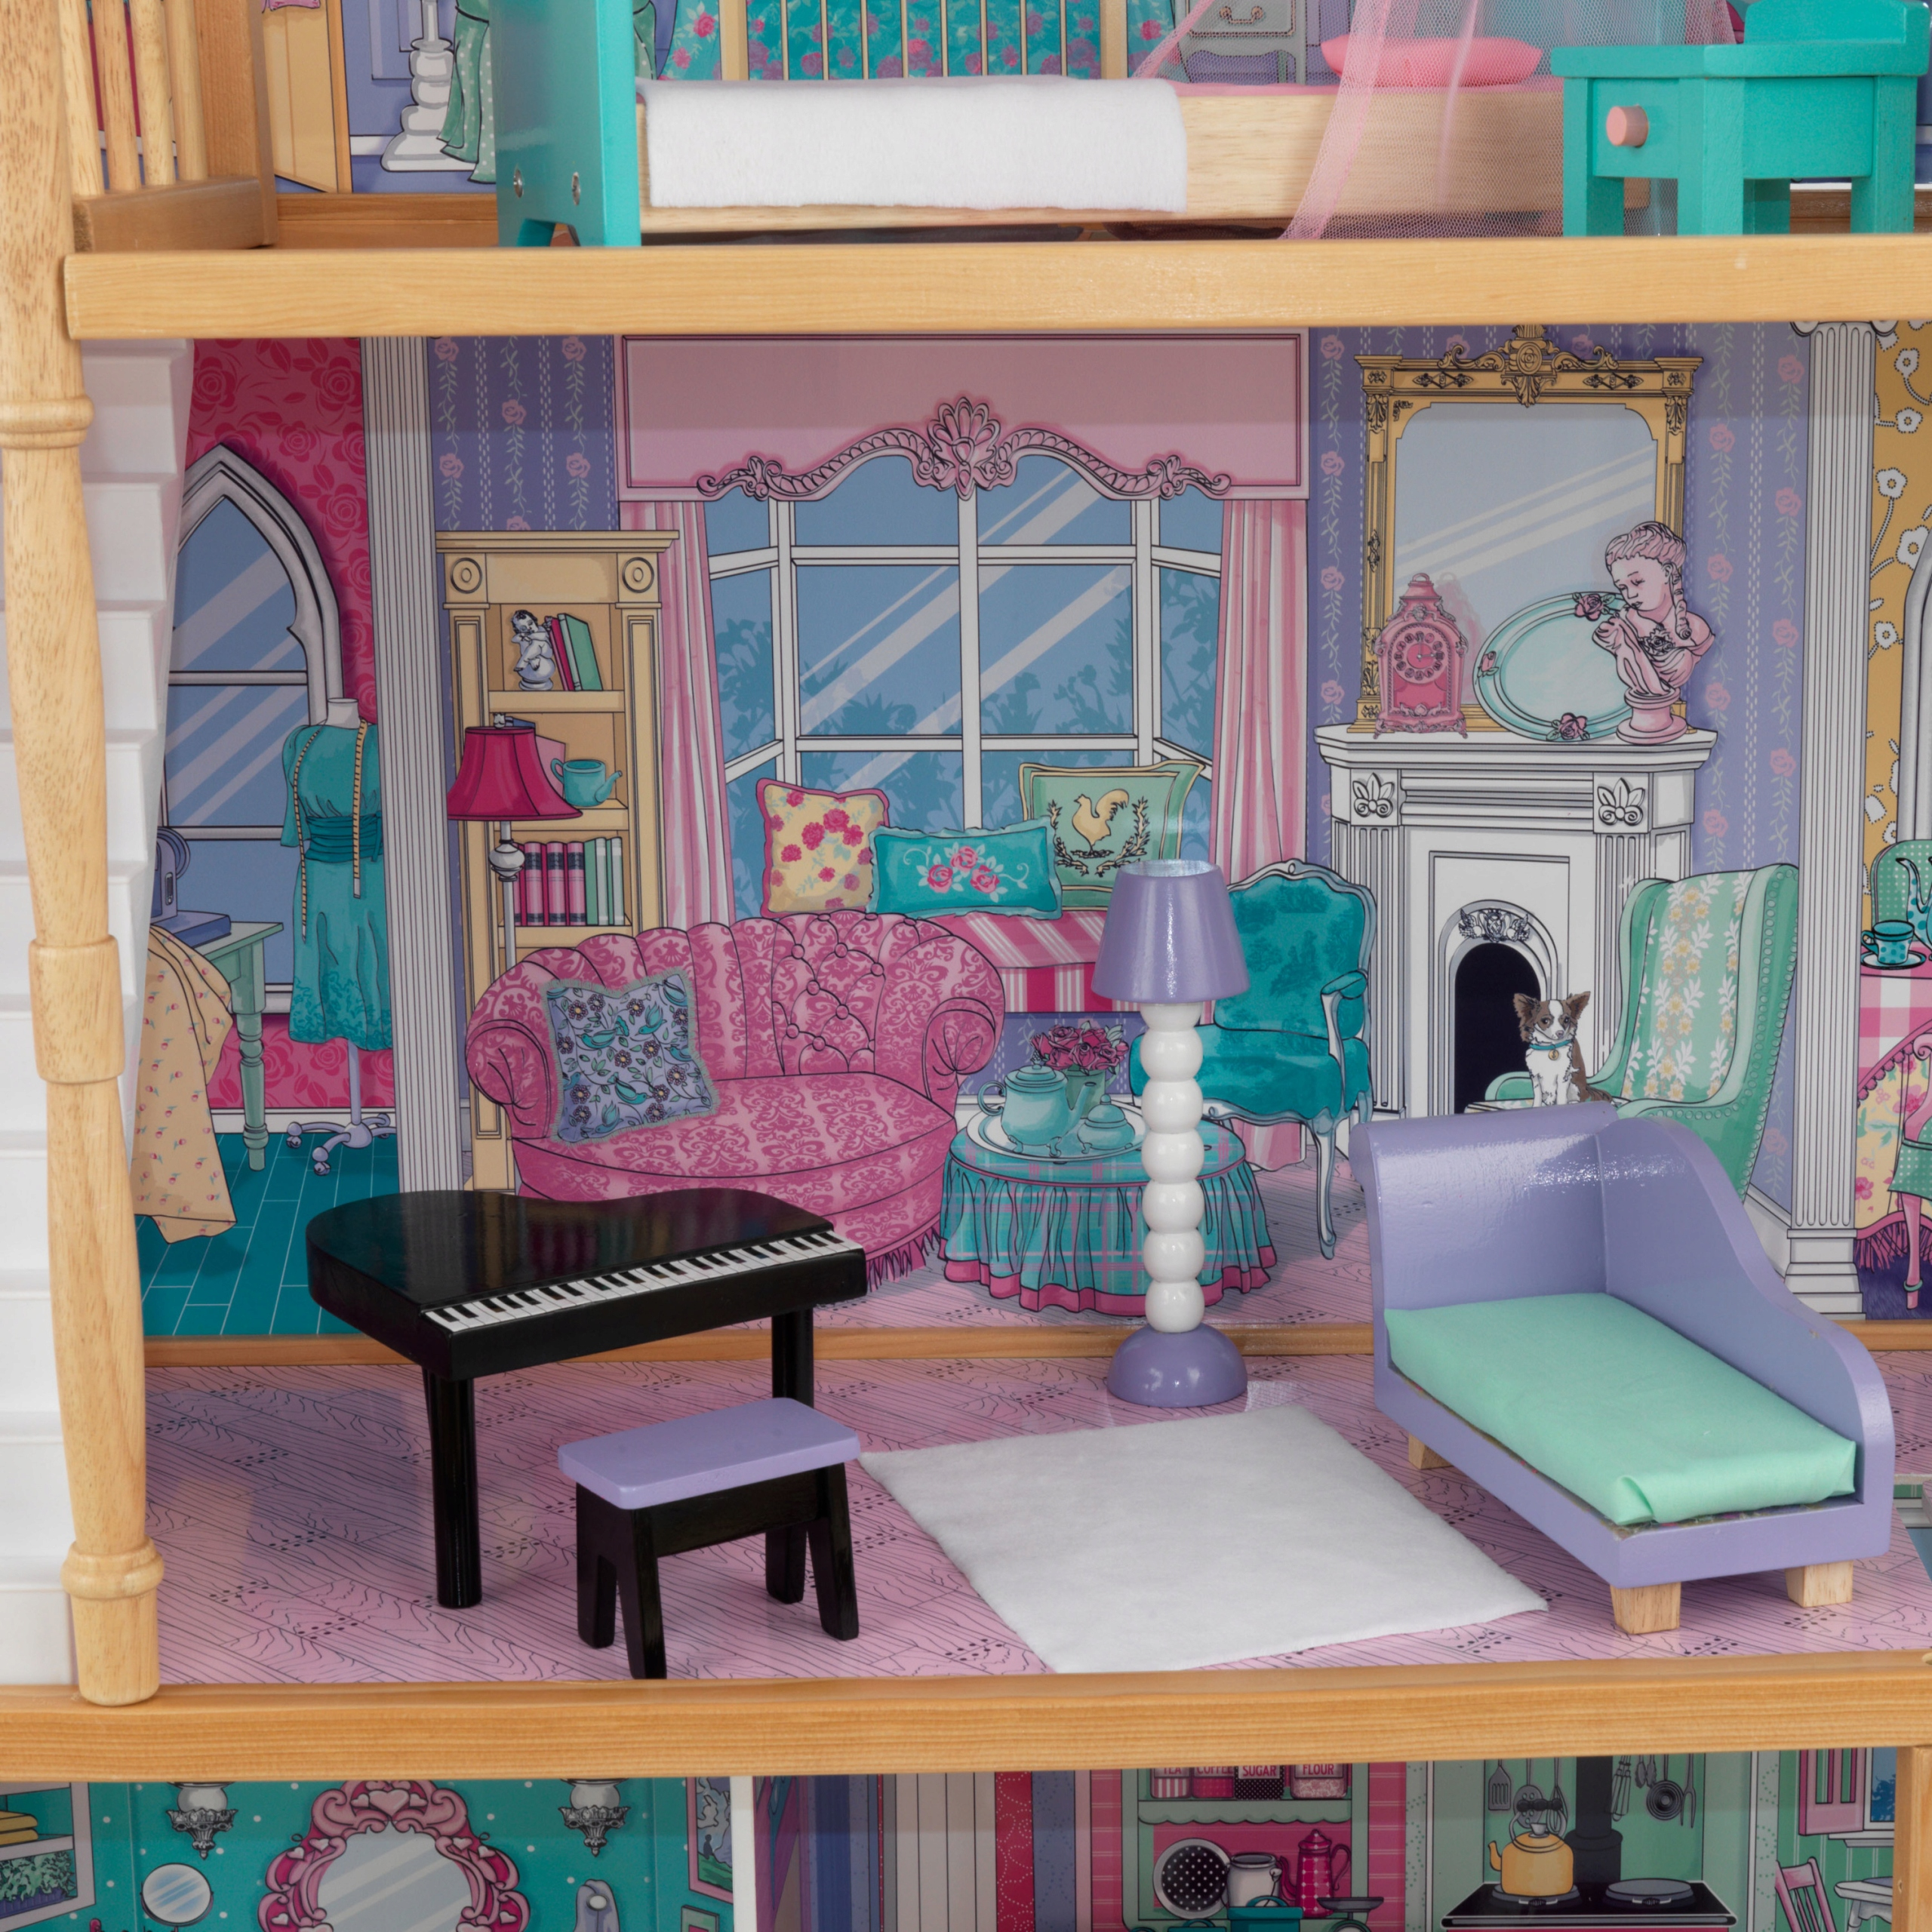 все картинки дома для кукол внутри получилось такое красивое